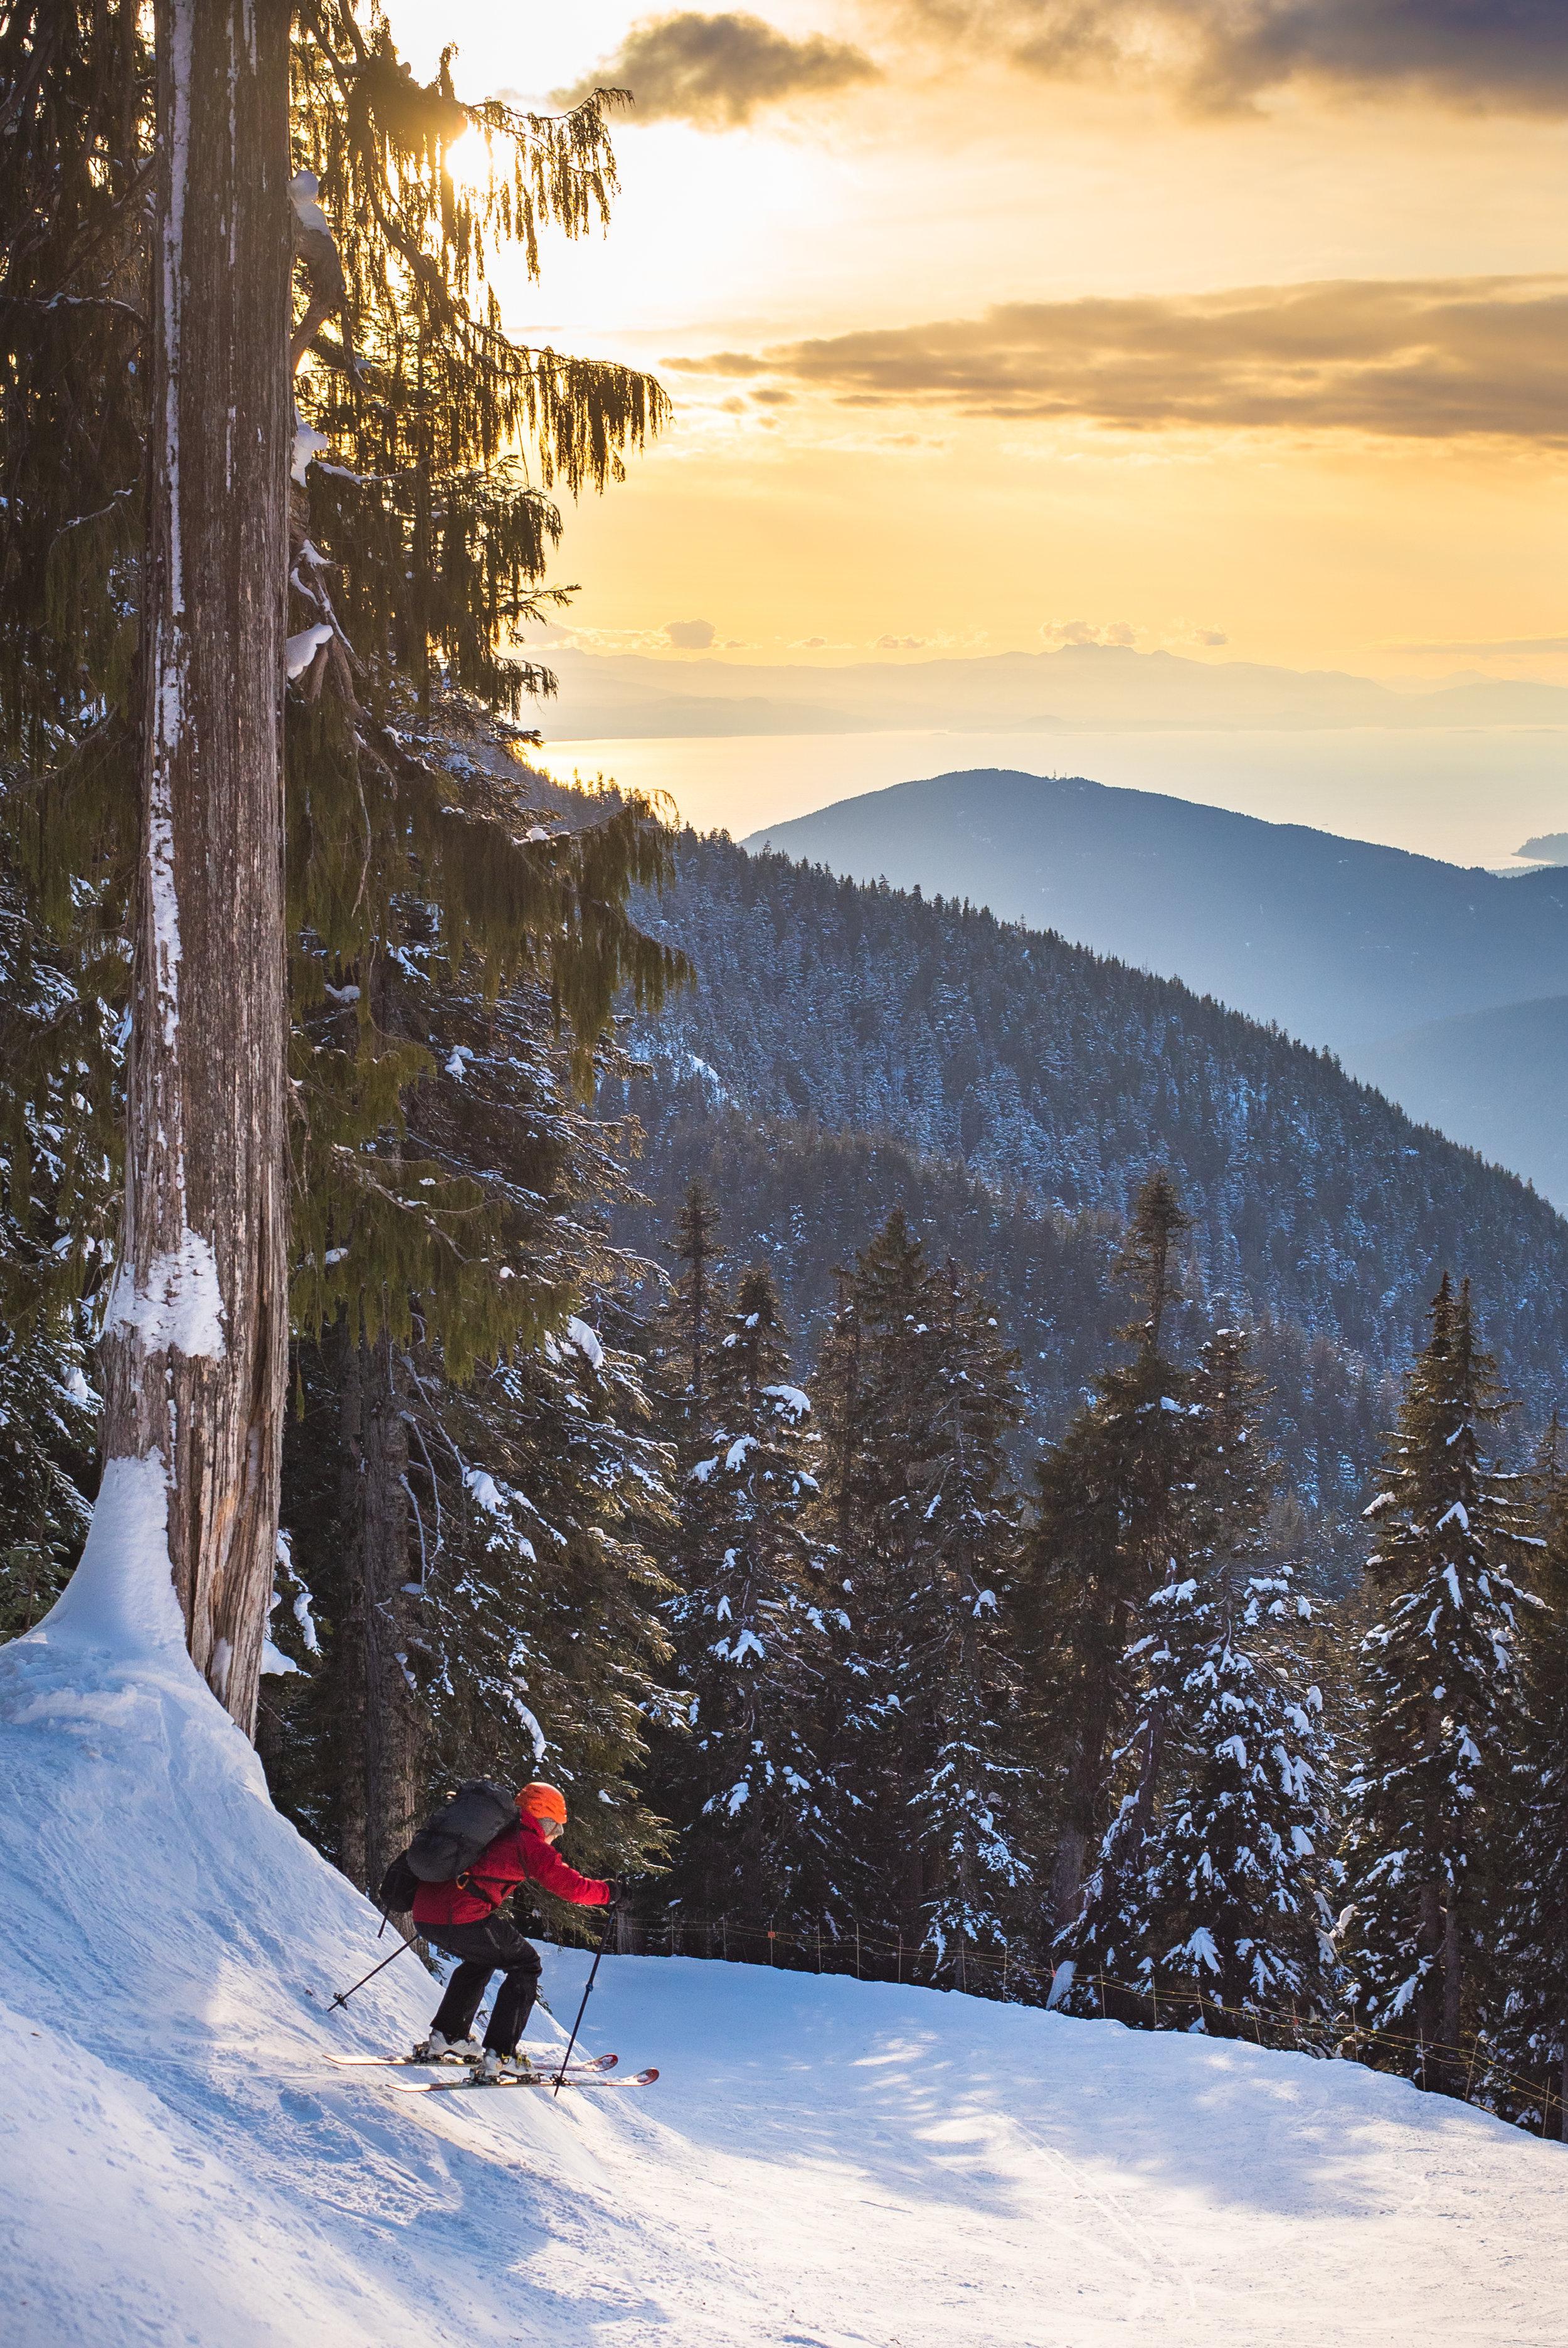 vin_skiing.jpg